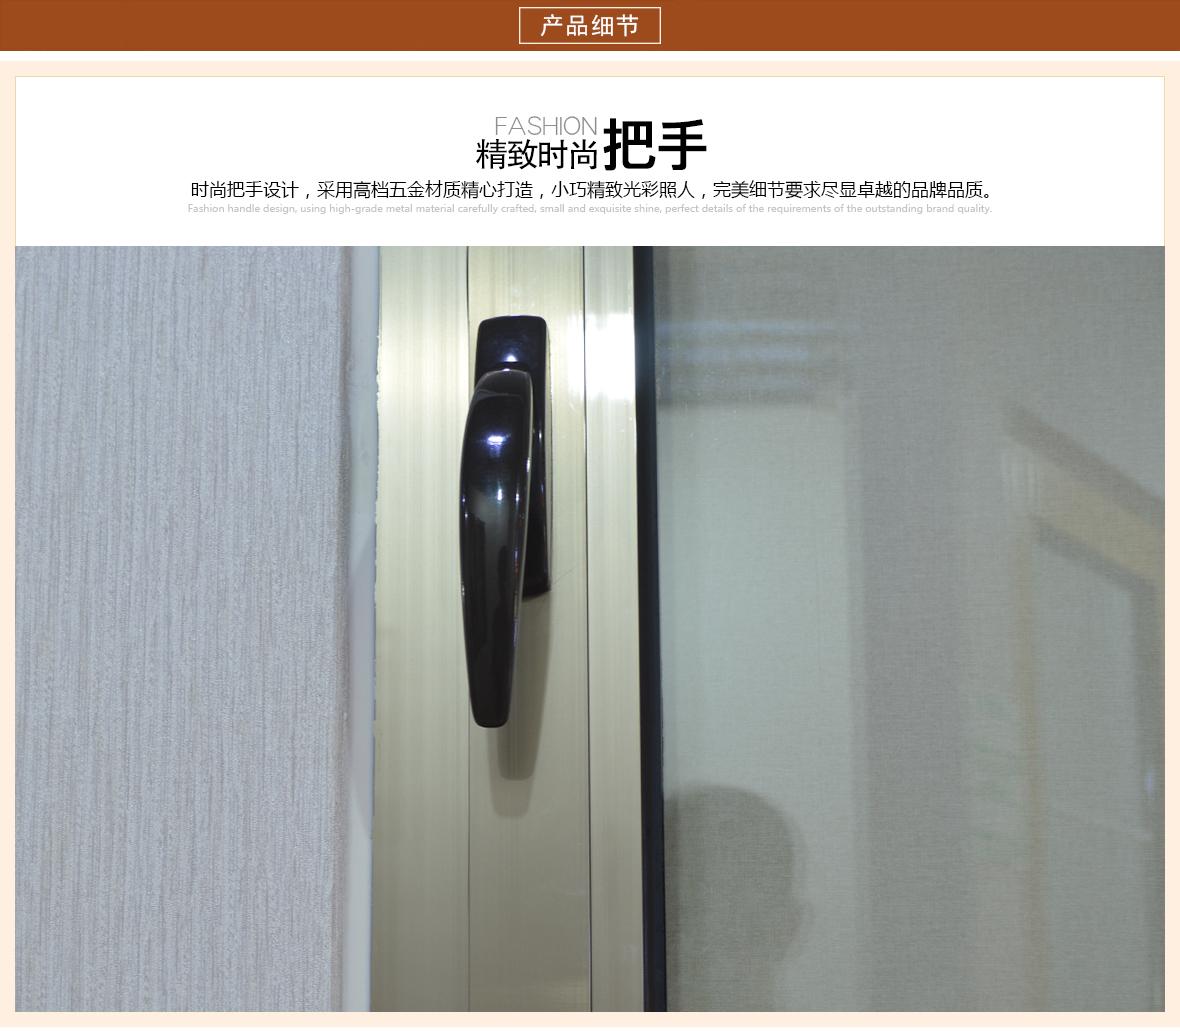 威盾门窗  WD-015型号断桥铝倾平开窗   商品细节